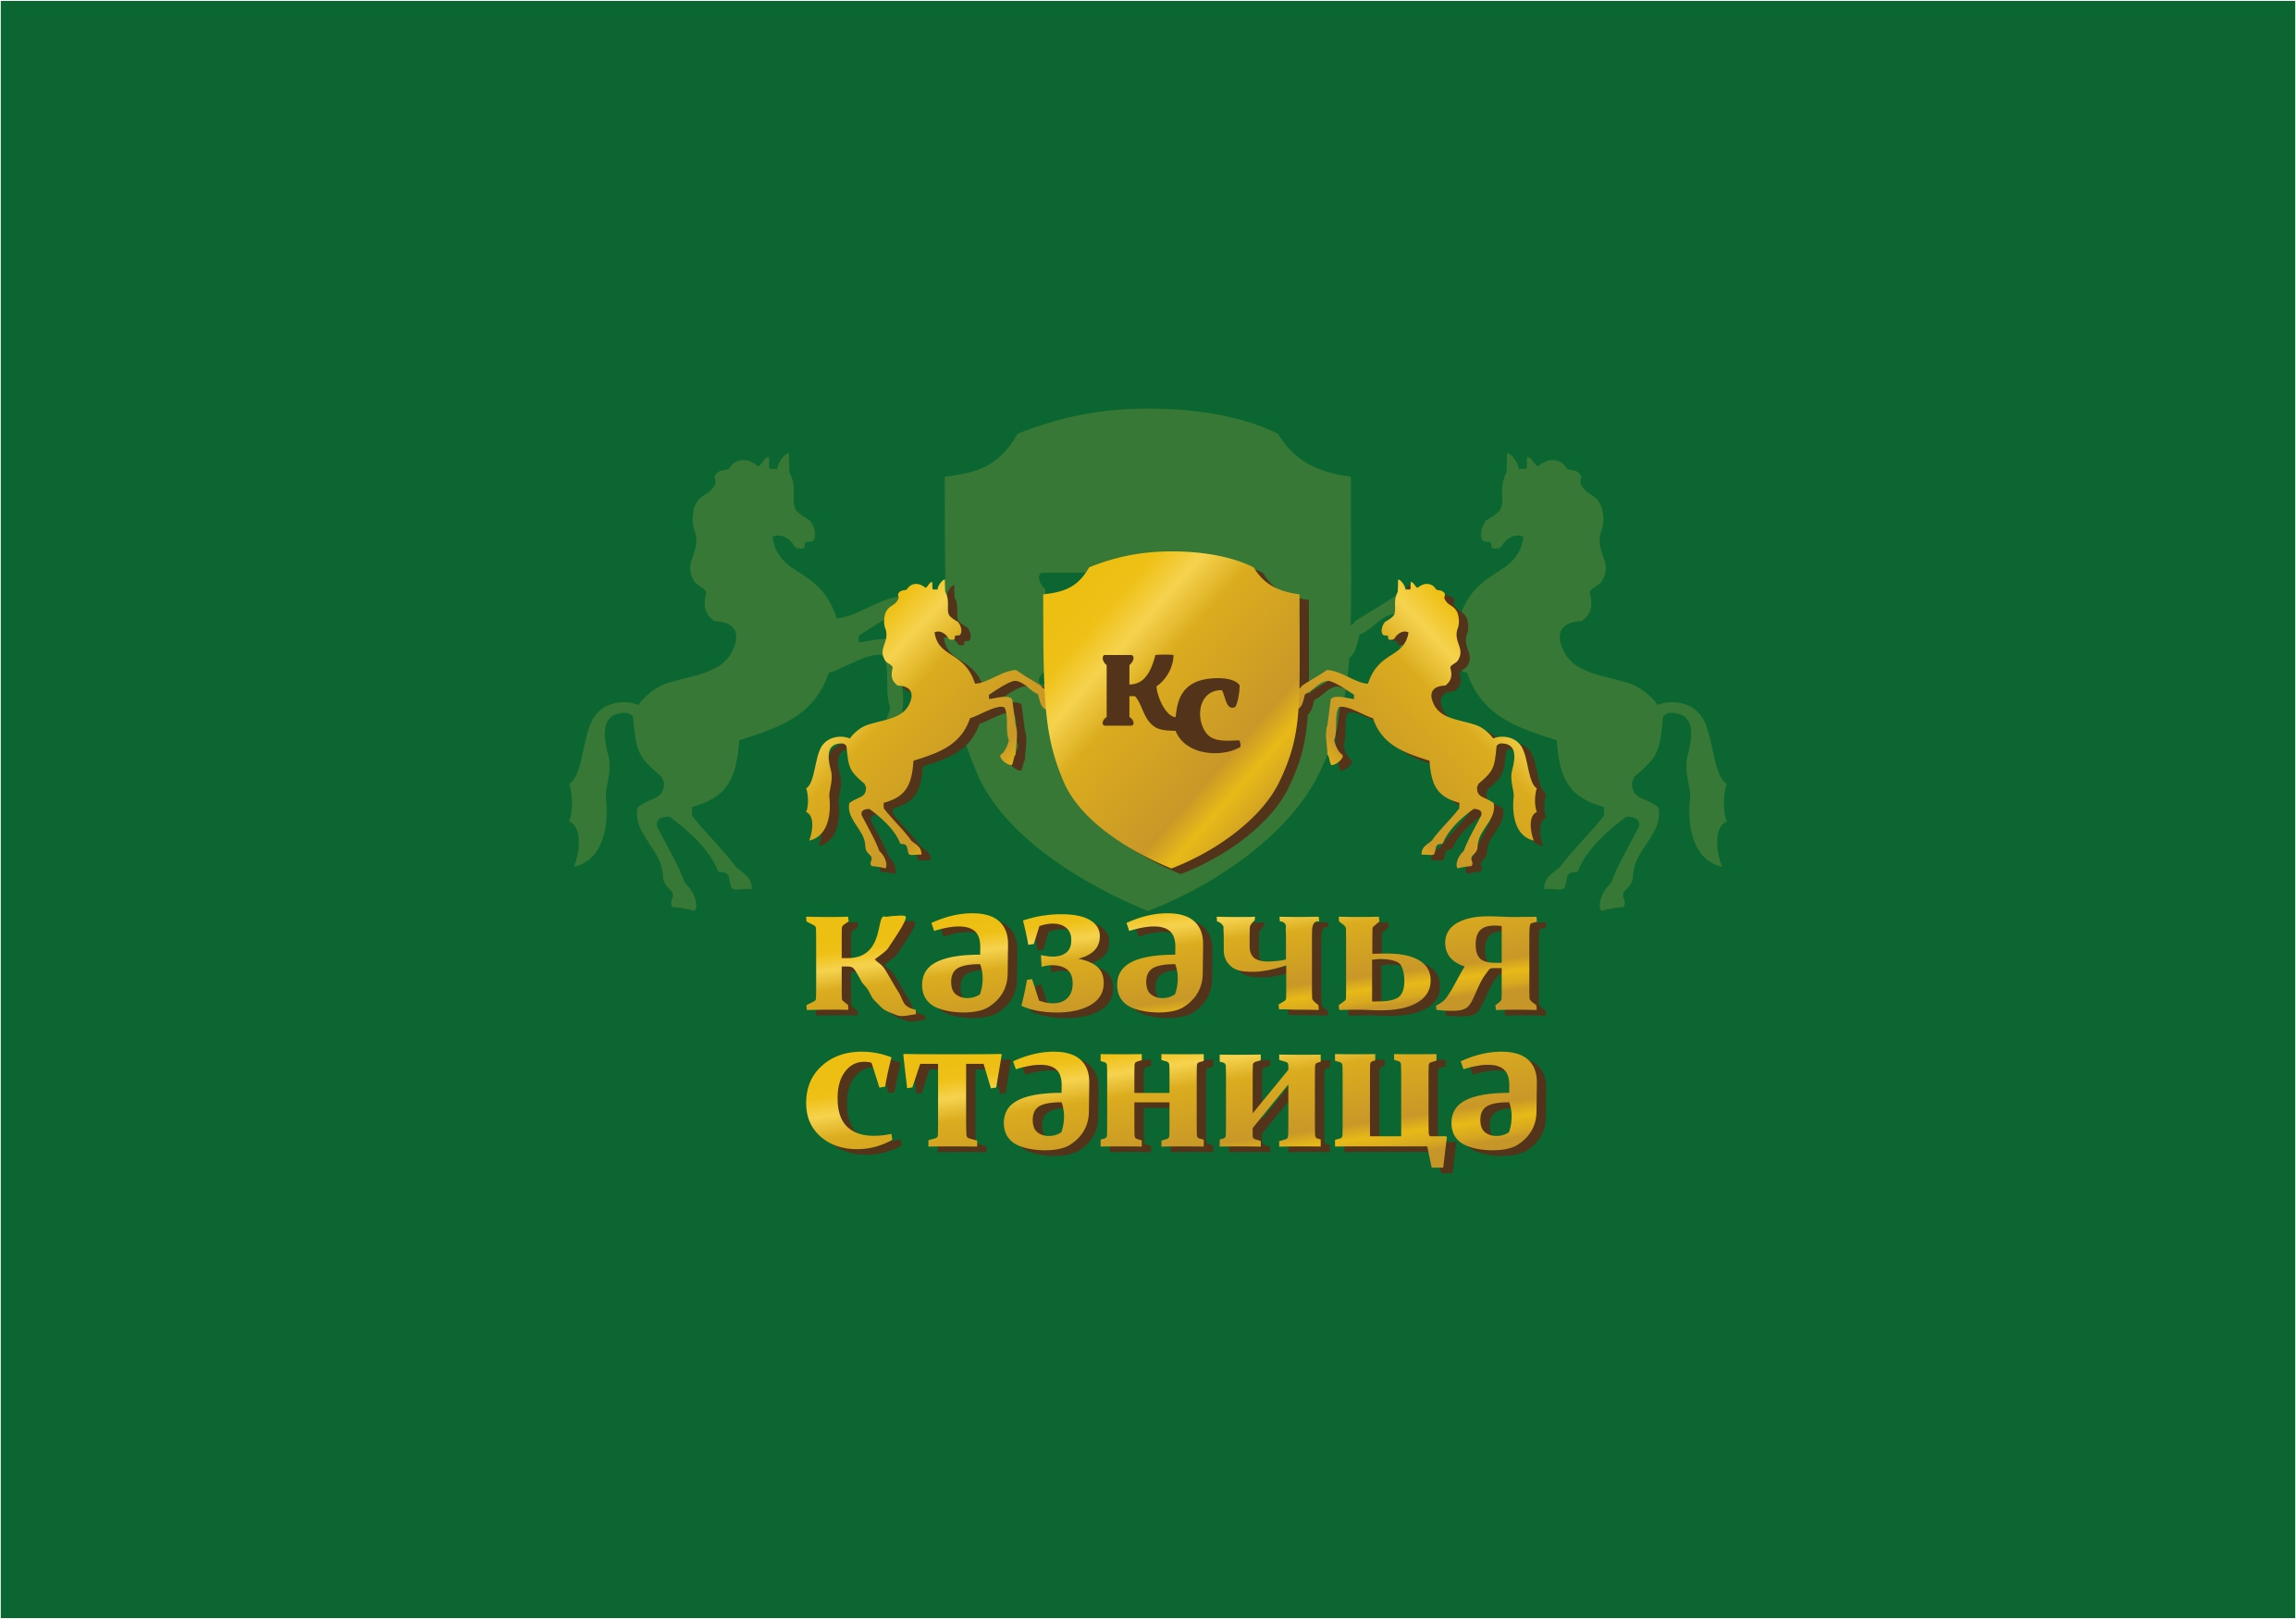 """ООО """"Агропромышленное объединение"""" Казачья станица"""""""